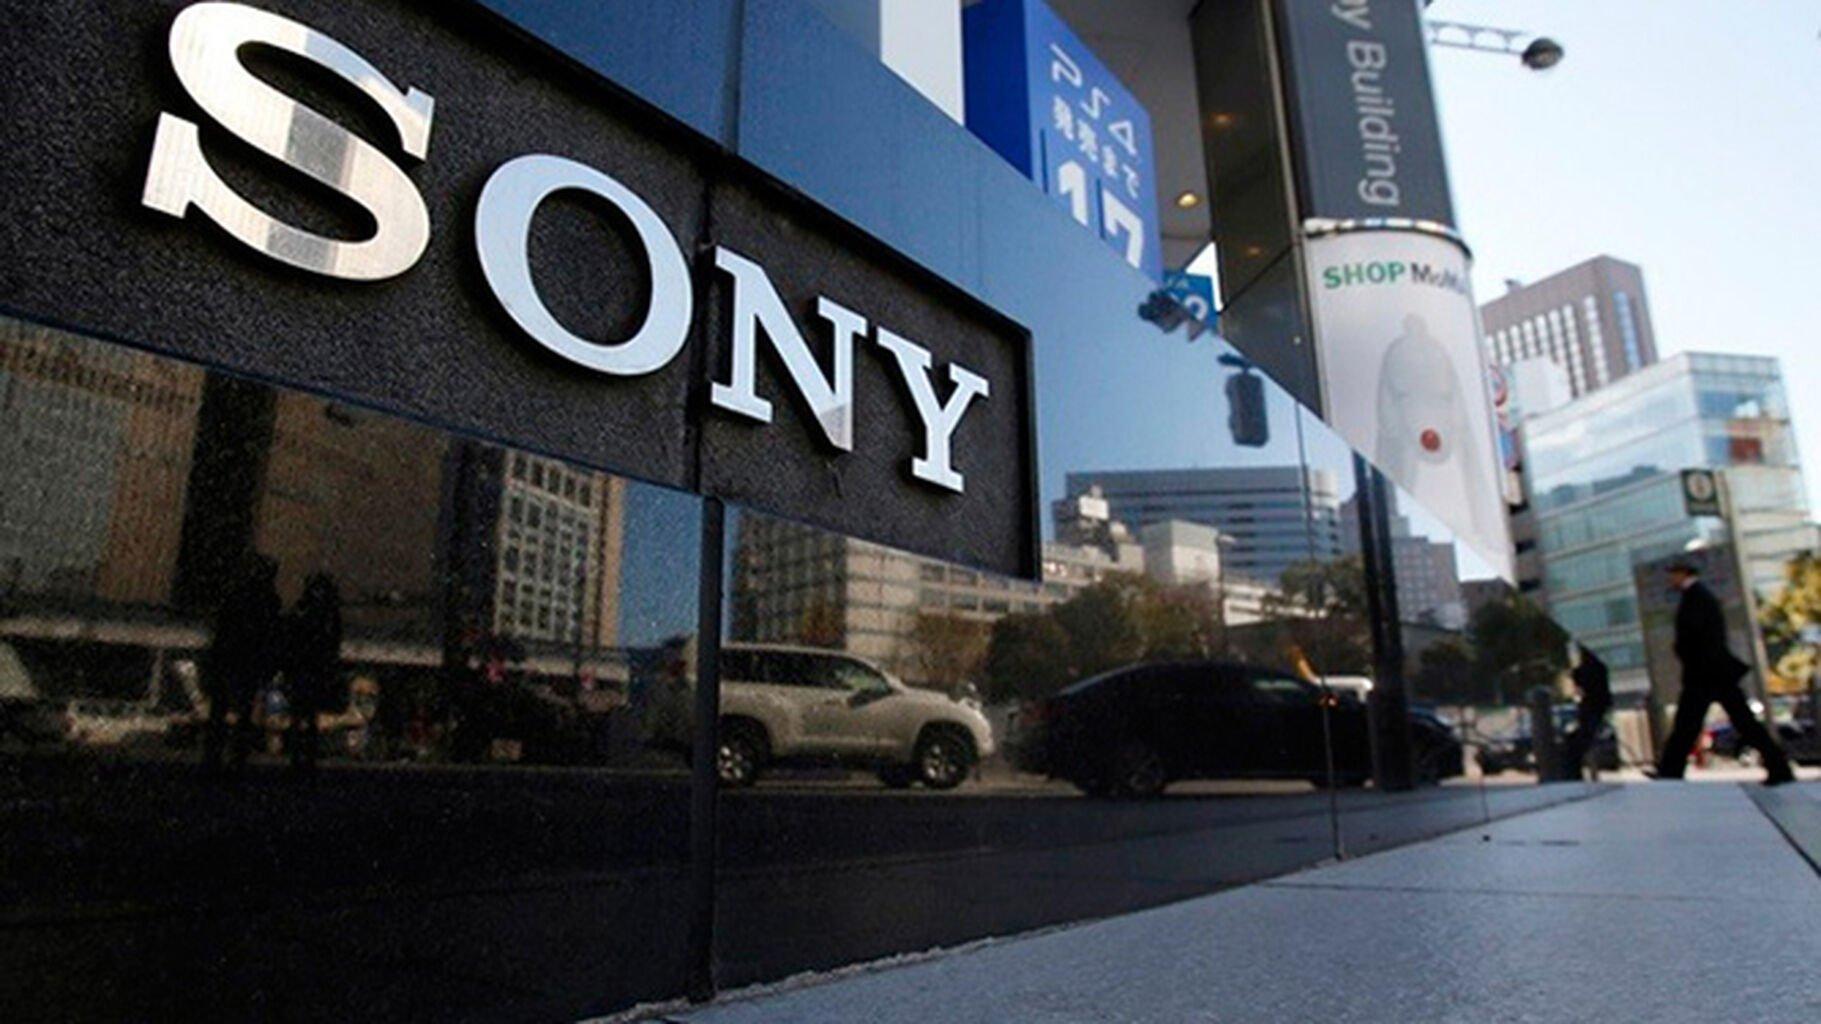 Algo falla en Sony: ganó 4.724 millones de euros en los nueve primeros meses de su año fiscal, un 31,2% menos